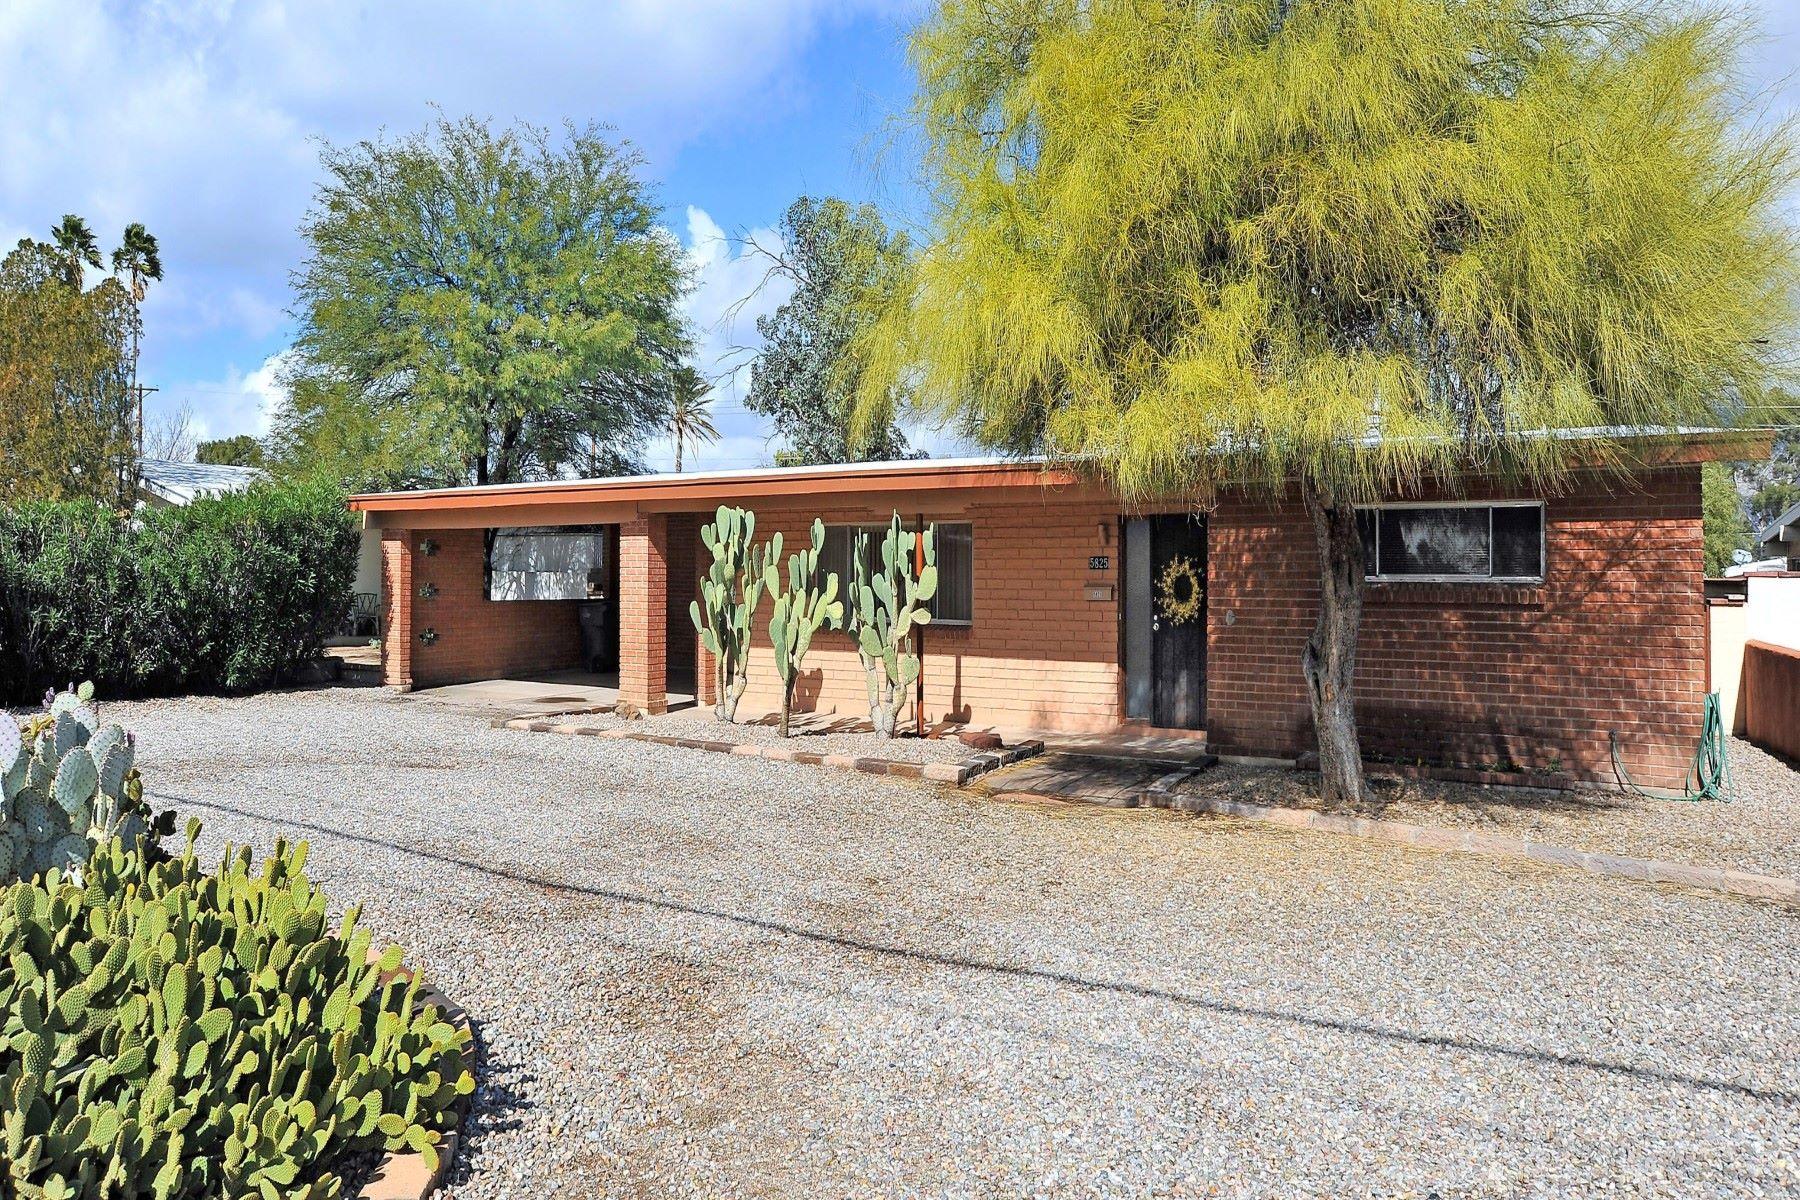 一戸建て のために 売買 アット Meticulously cared for 1950's Mid-Century brick home 5825 E 5Th Street Tucson, アリゾナ, 85711 アメリカ合衆国